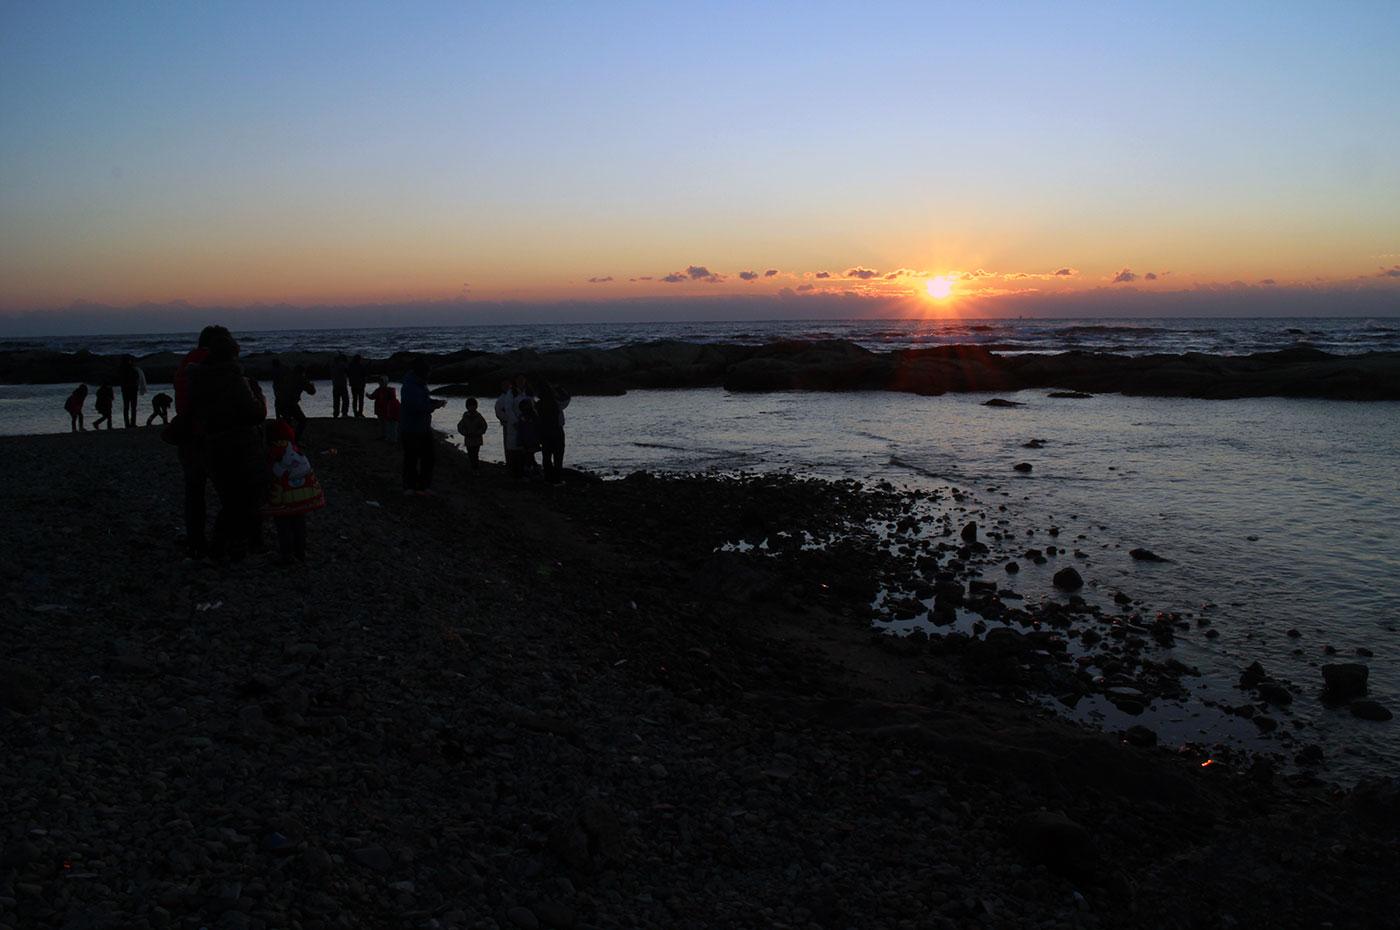 千倉 潮風王国 初日の出を眺める人々